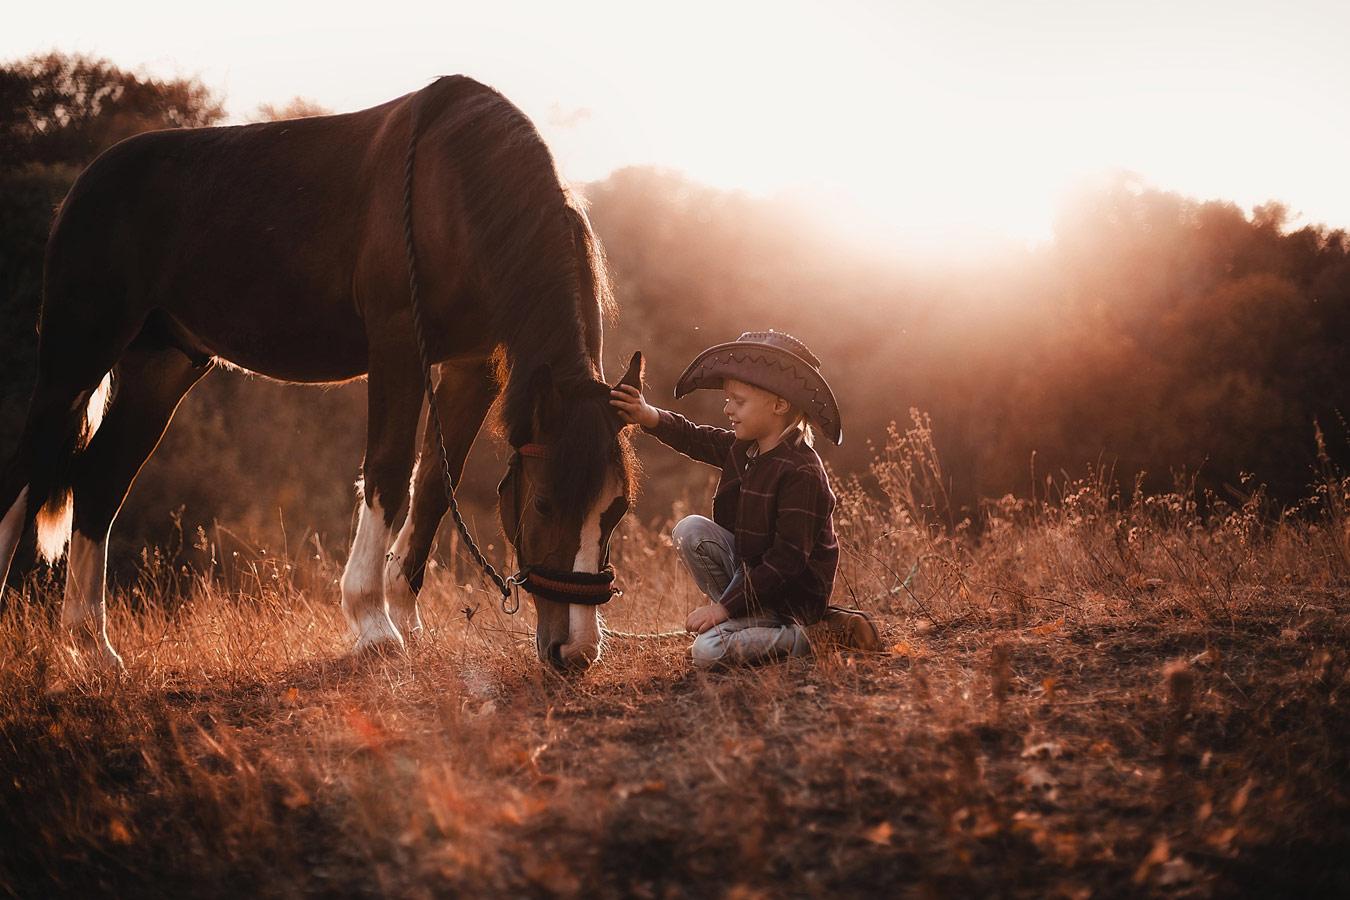 Лошади — это целый мир, © Виктория Мищенко, Фотоконкурс «Осенний портрет»